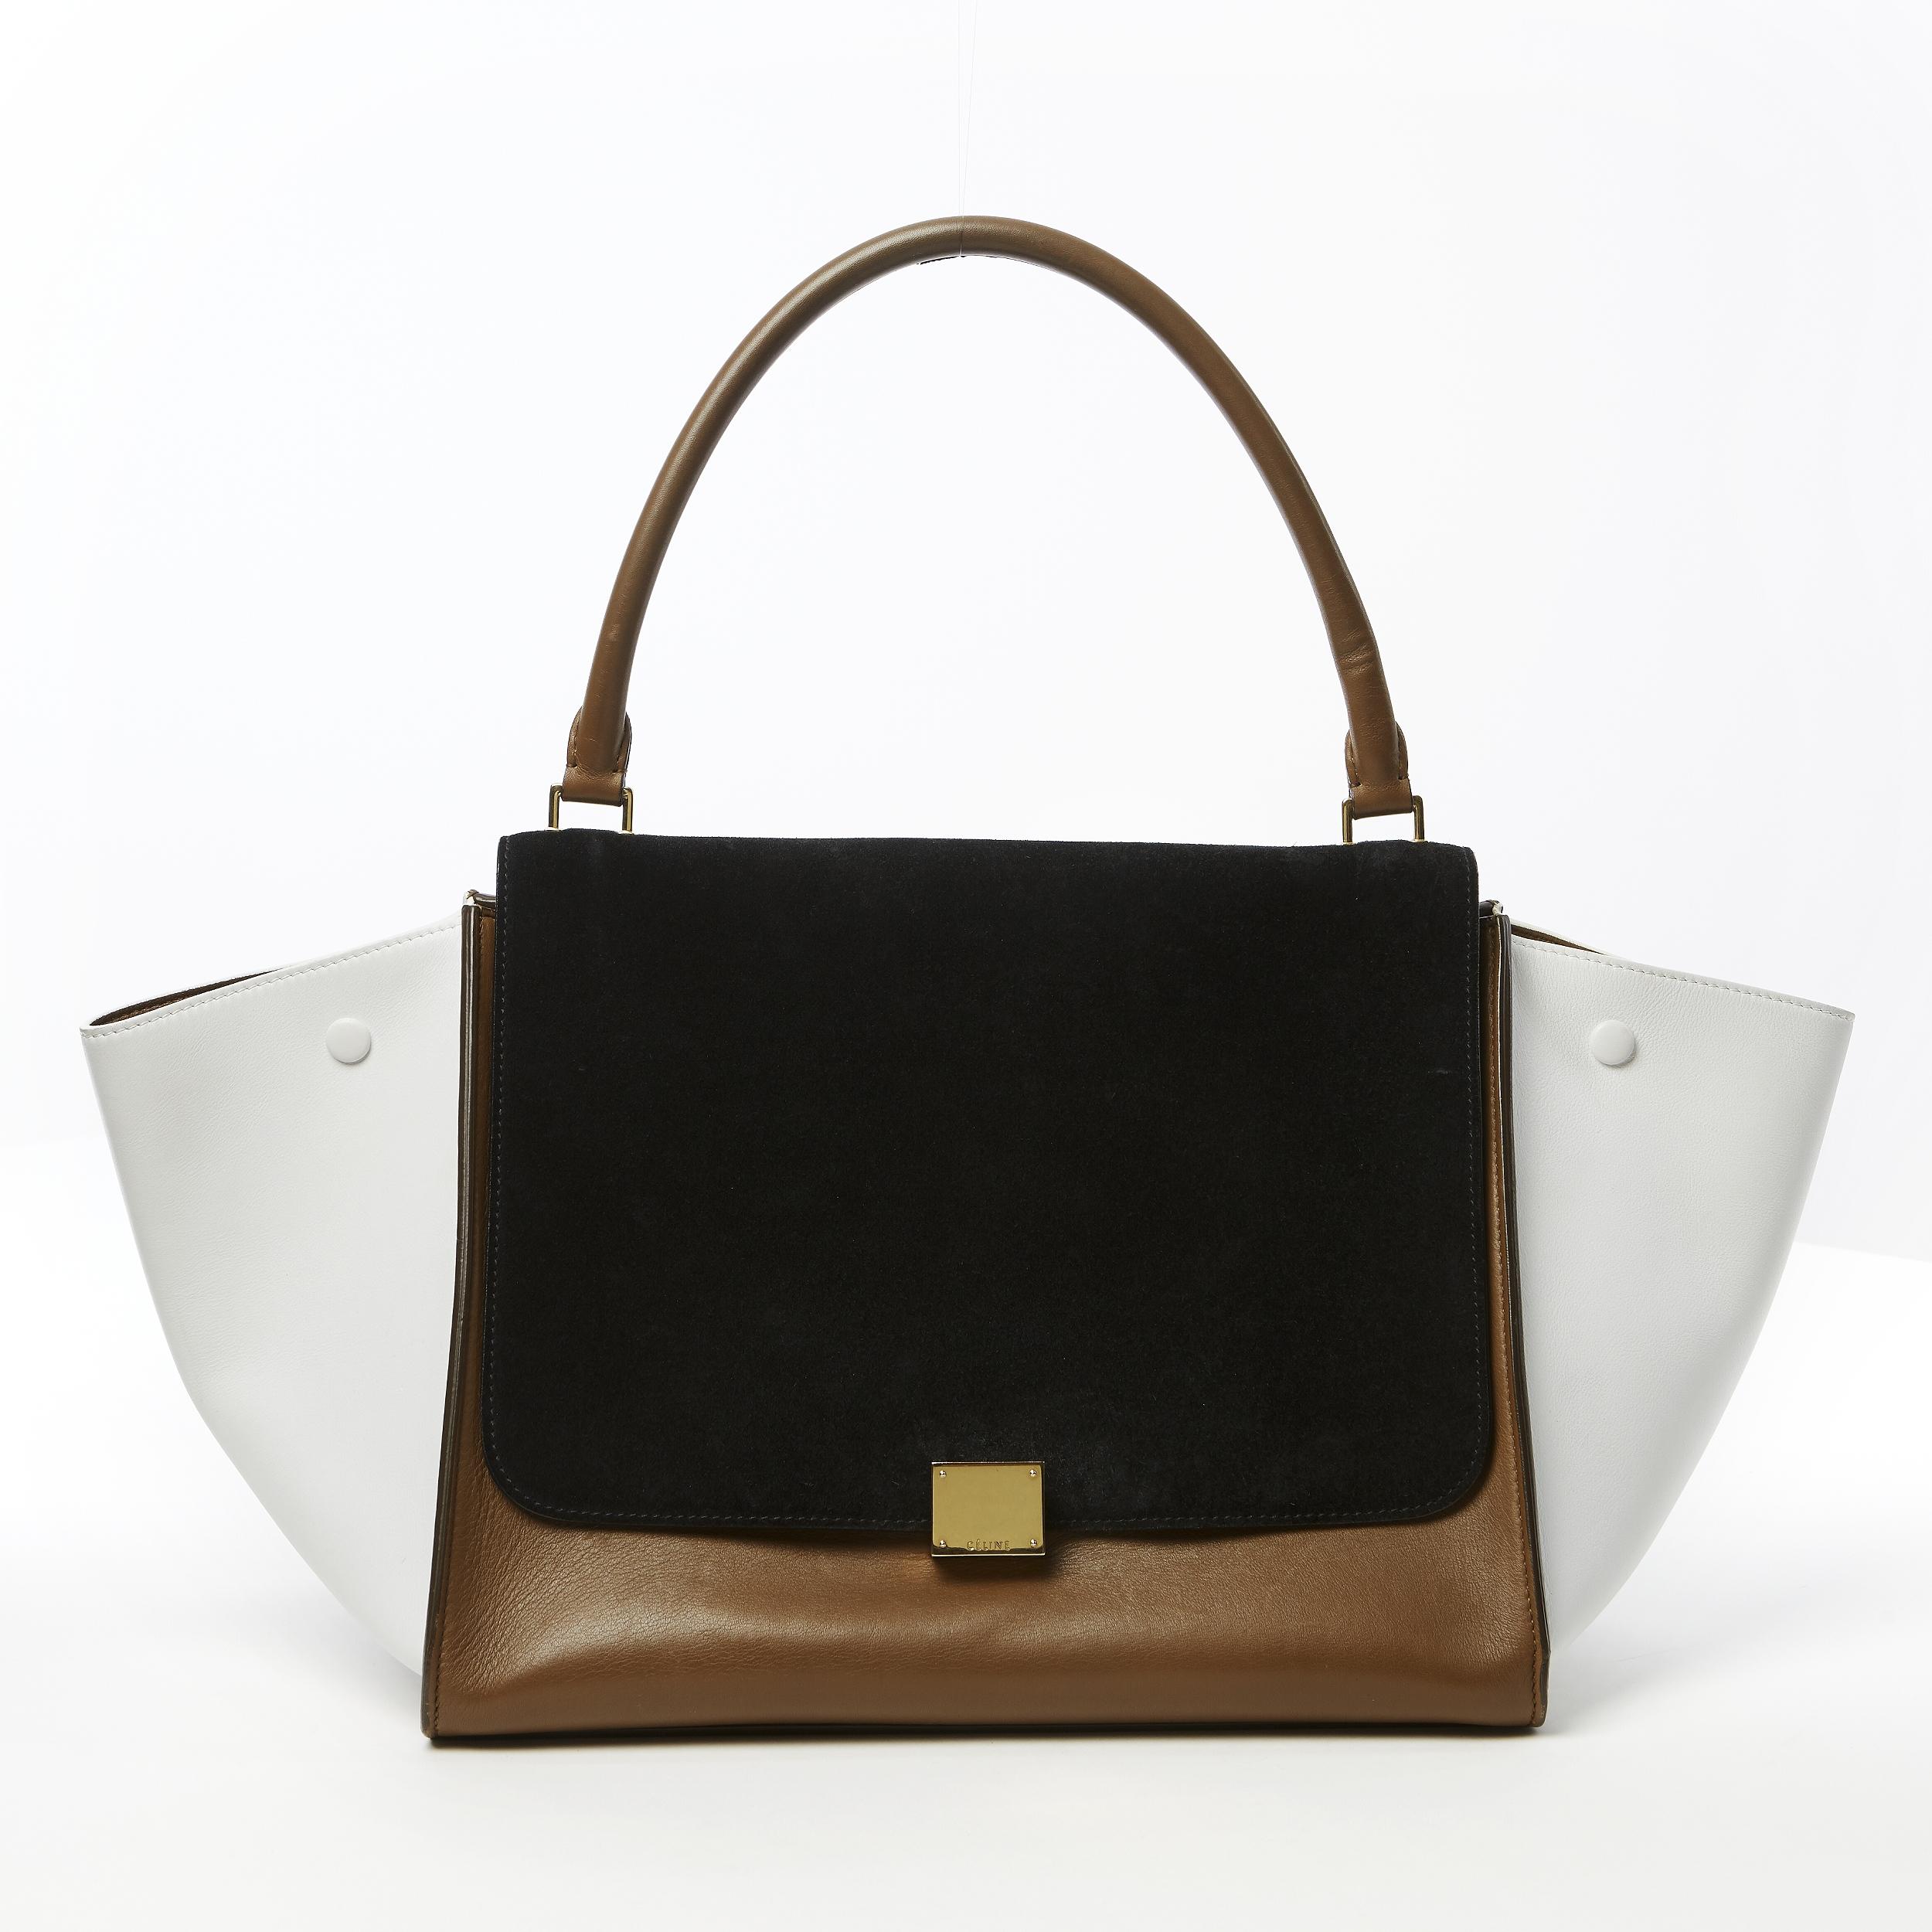 CÉLINE, handväska Trapeze large i nougatfärgat och vitt slätt skinn med lock i svart mocka. Bild: Stockholms Auktionsverk